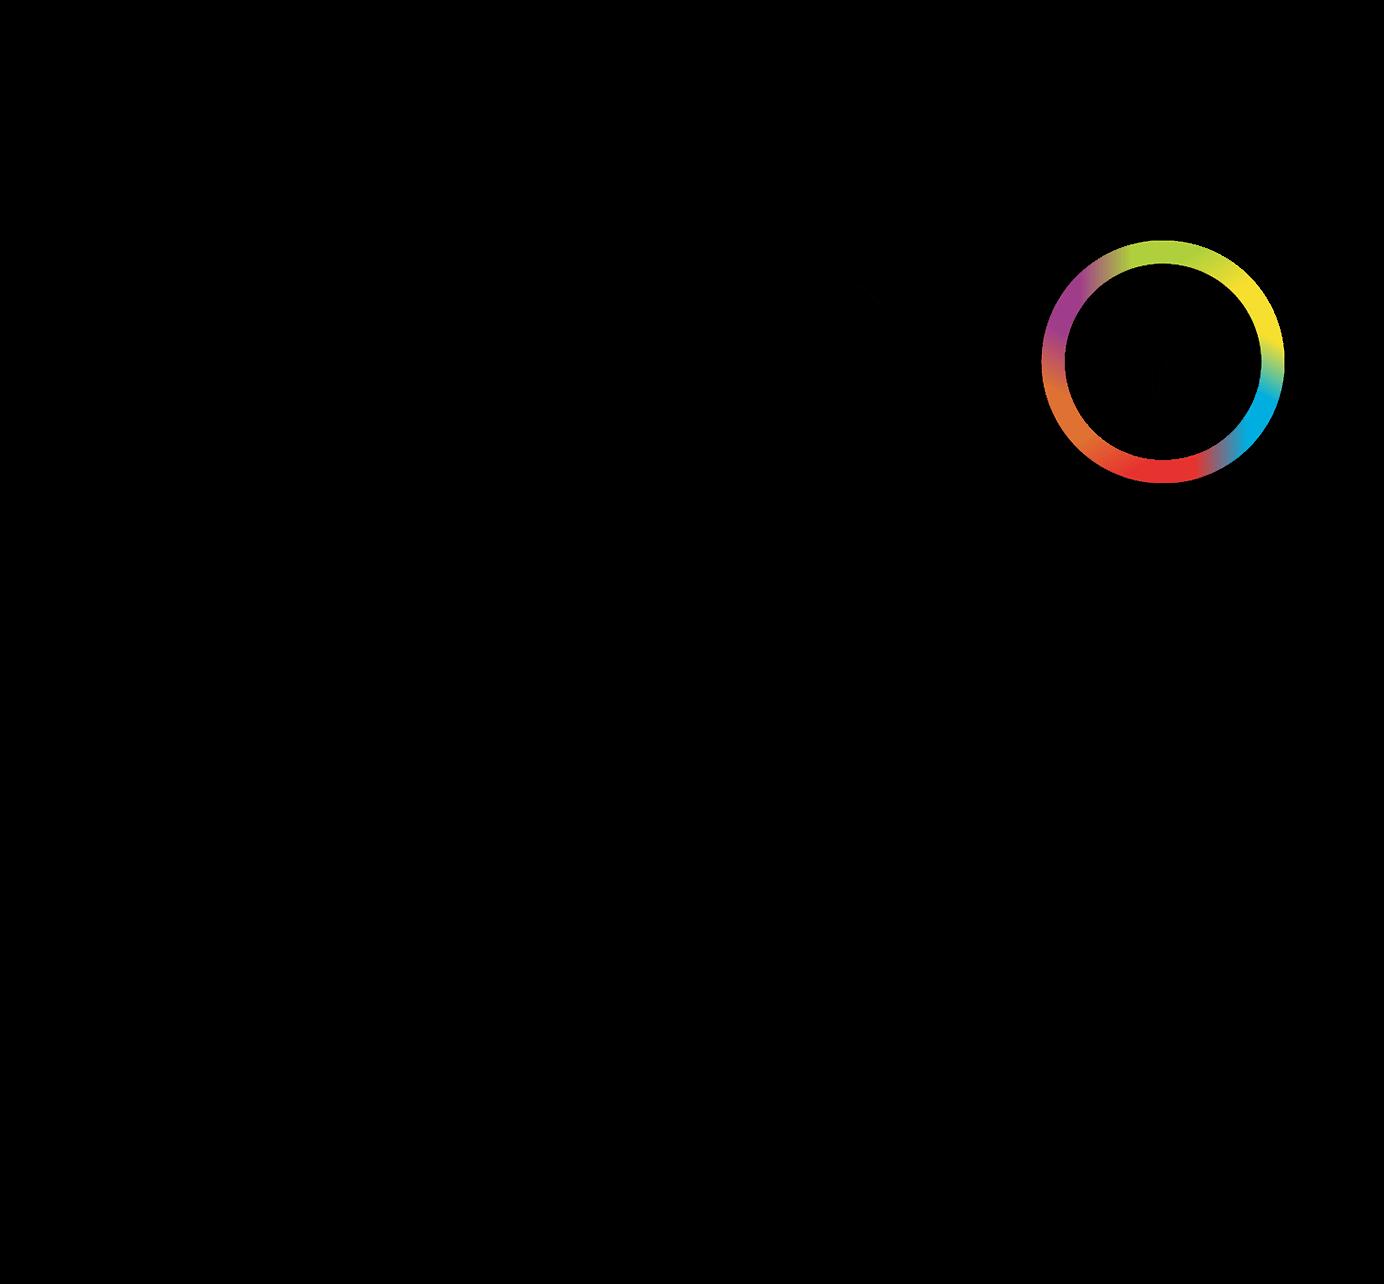 Het logo van techniekontwikkelaar en partner Ivido